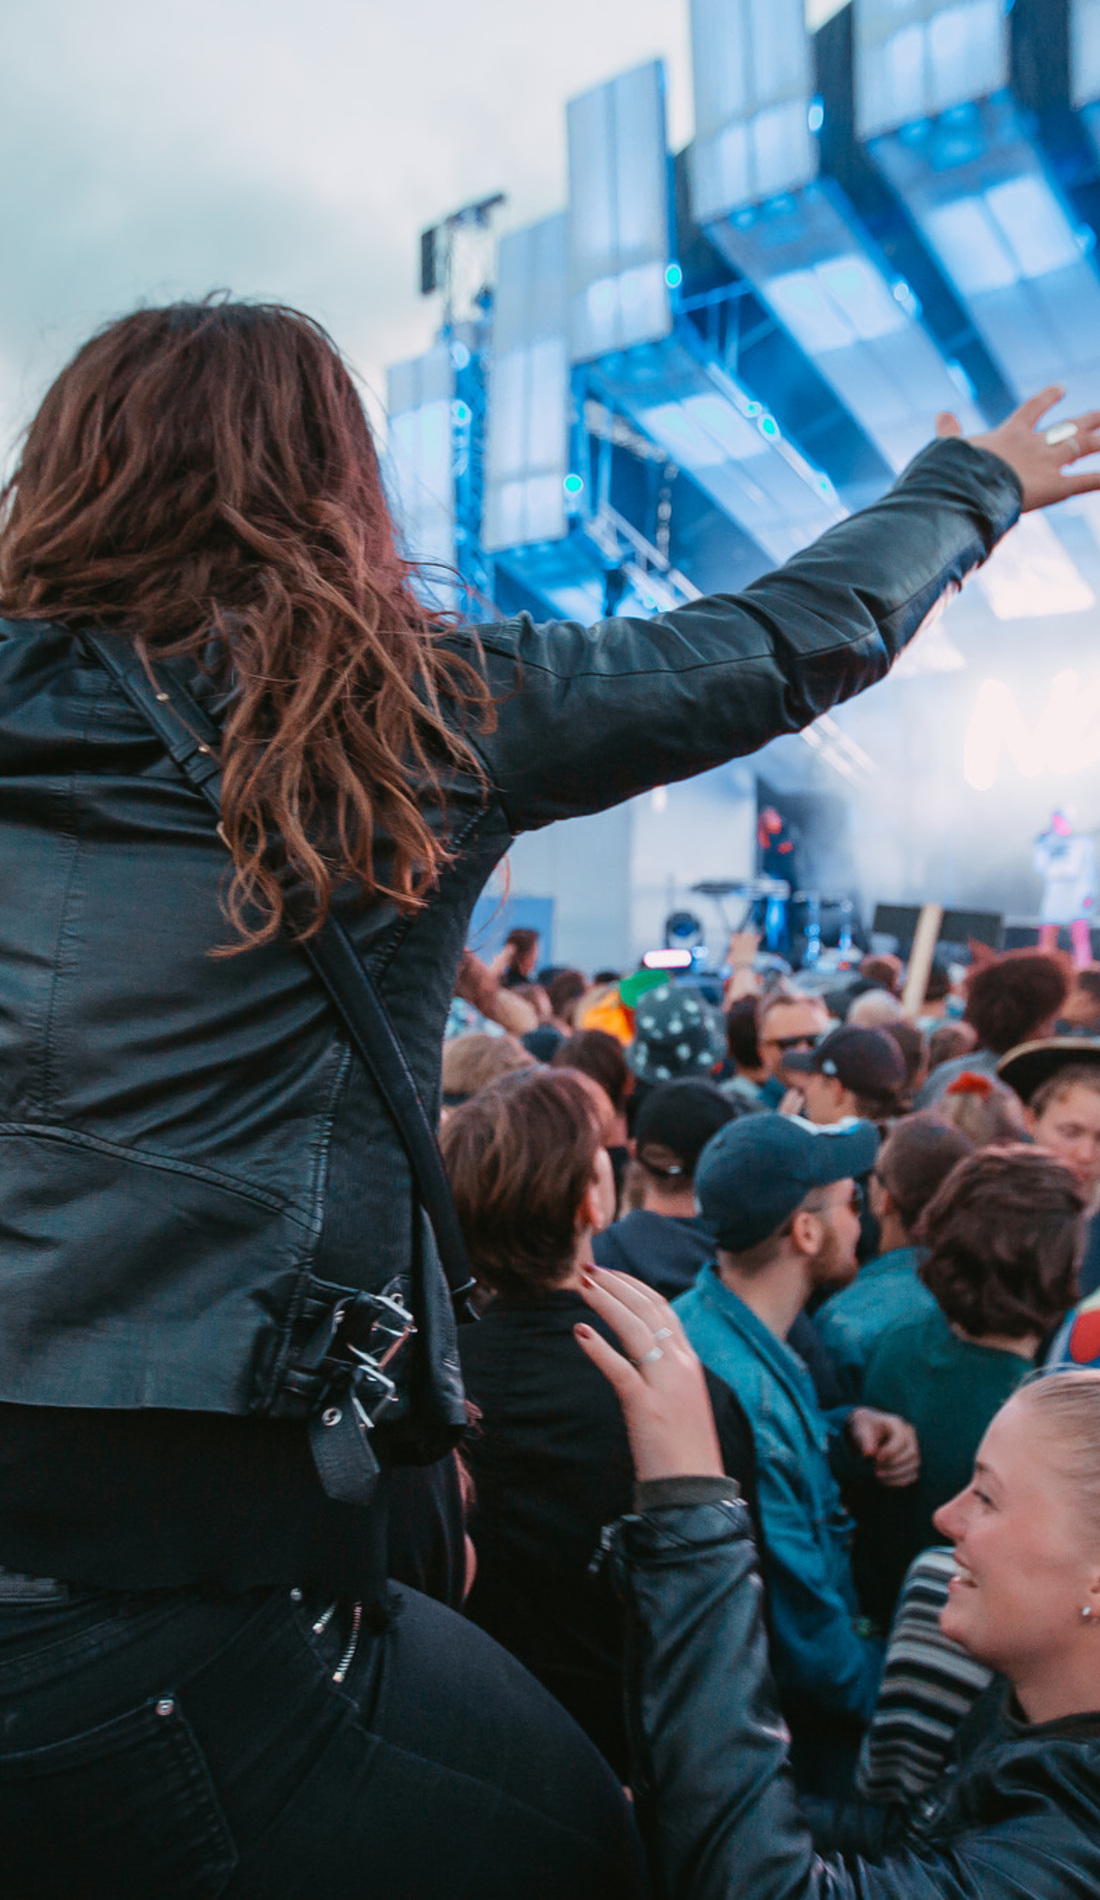 A Second Sky Festival live event